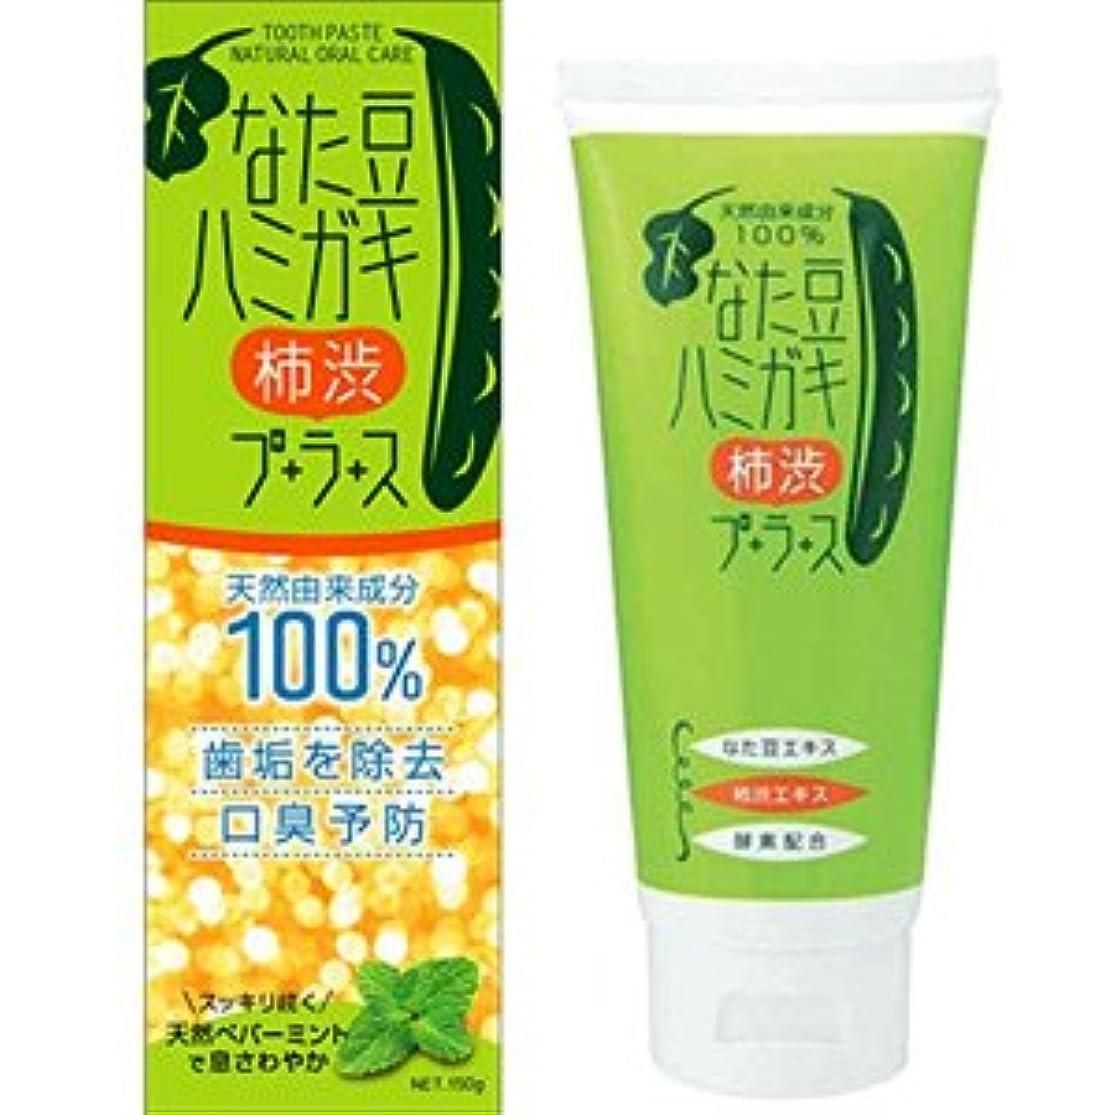 なた豆ハミガキ 柿渋プラス 150g×10個